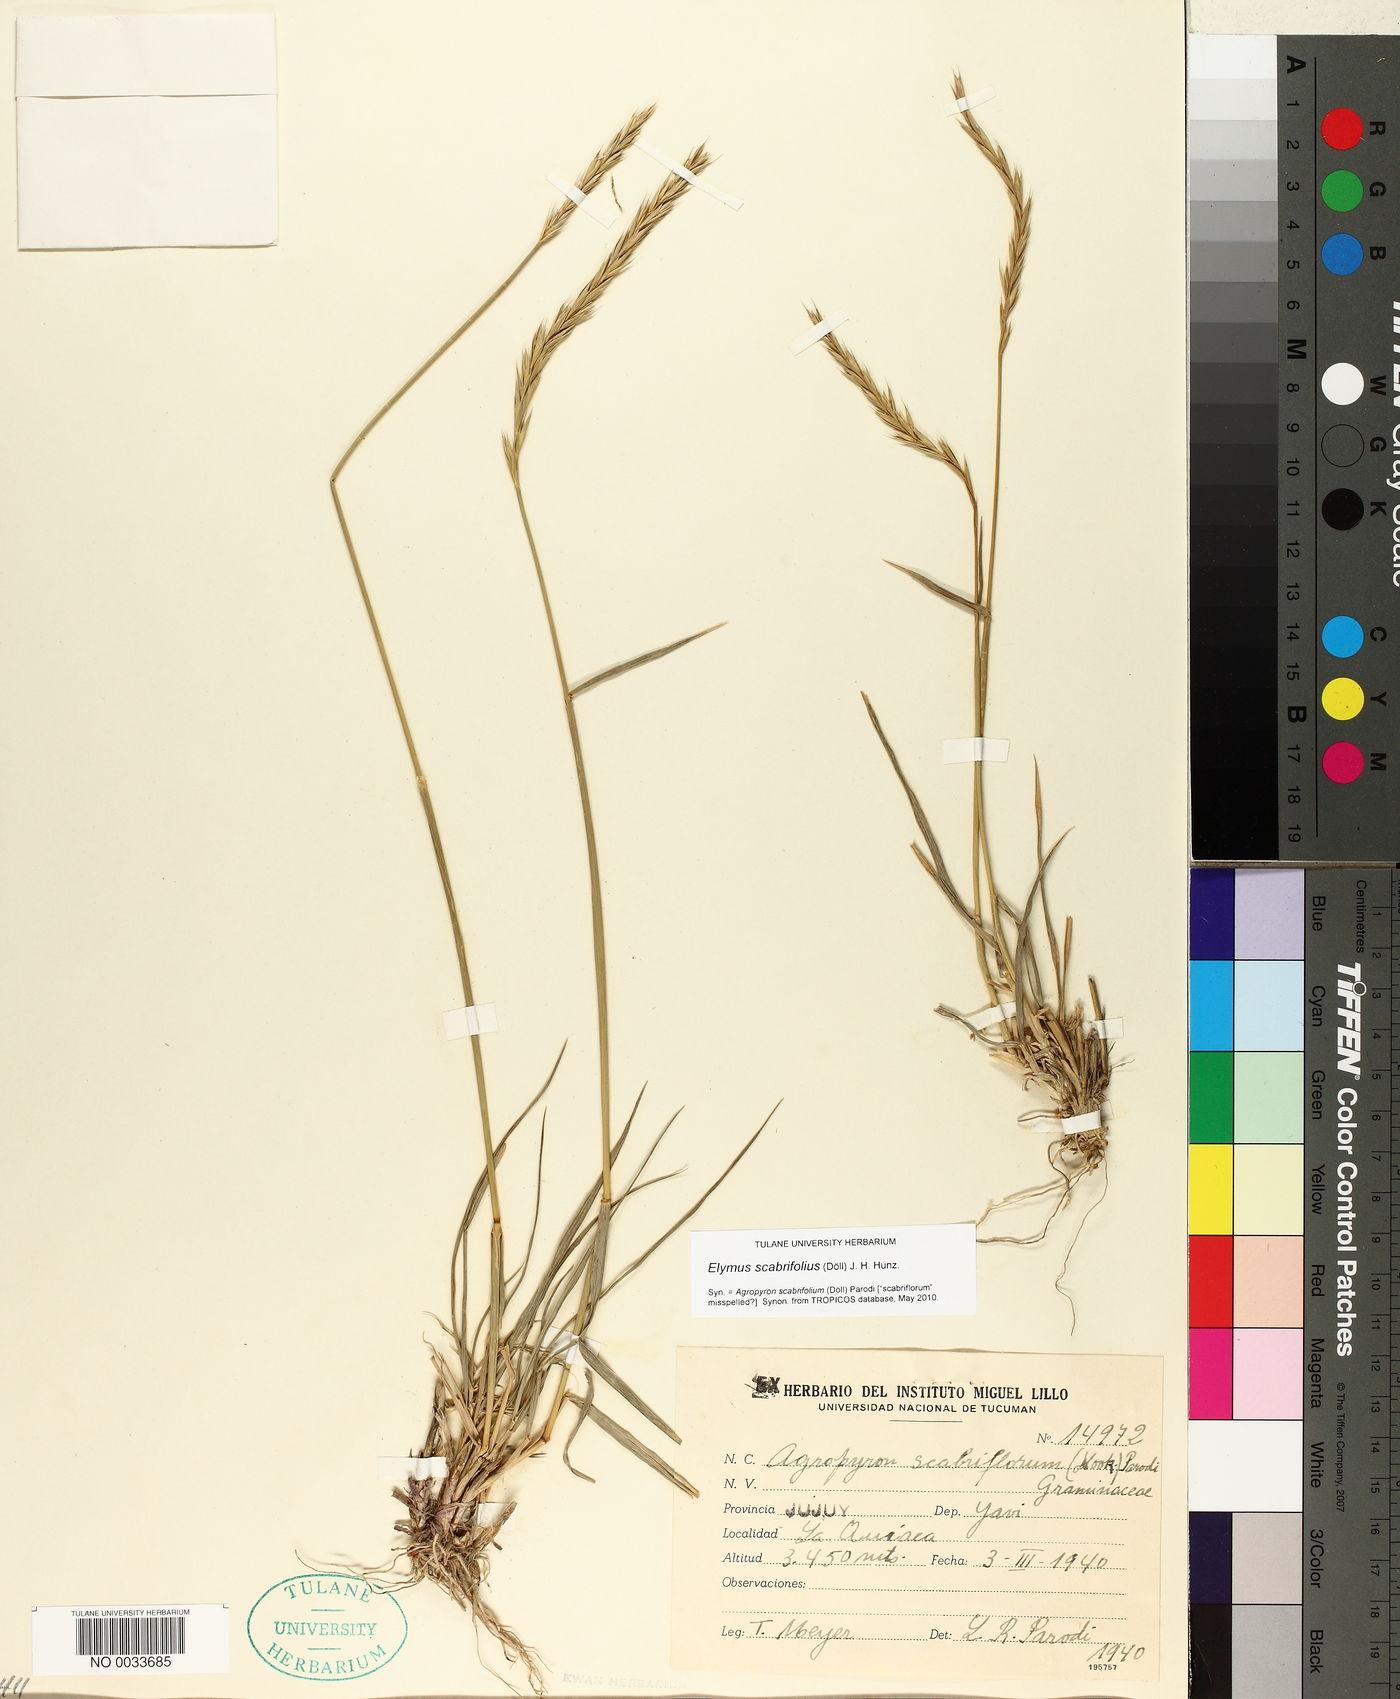 Elymus scabrifolius image